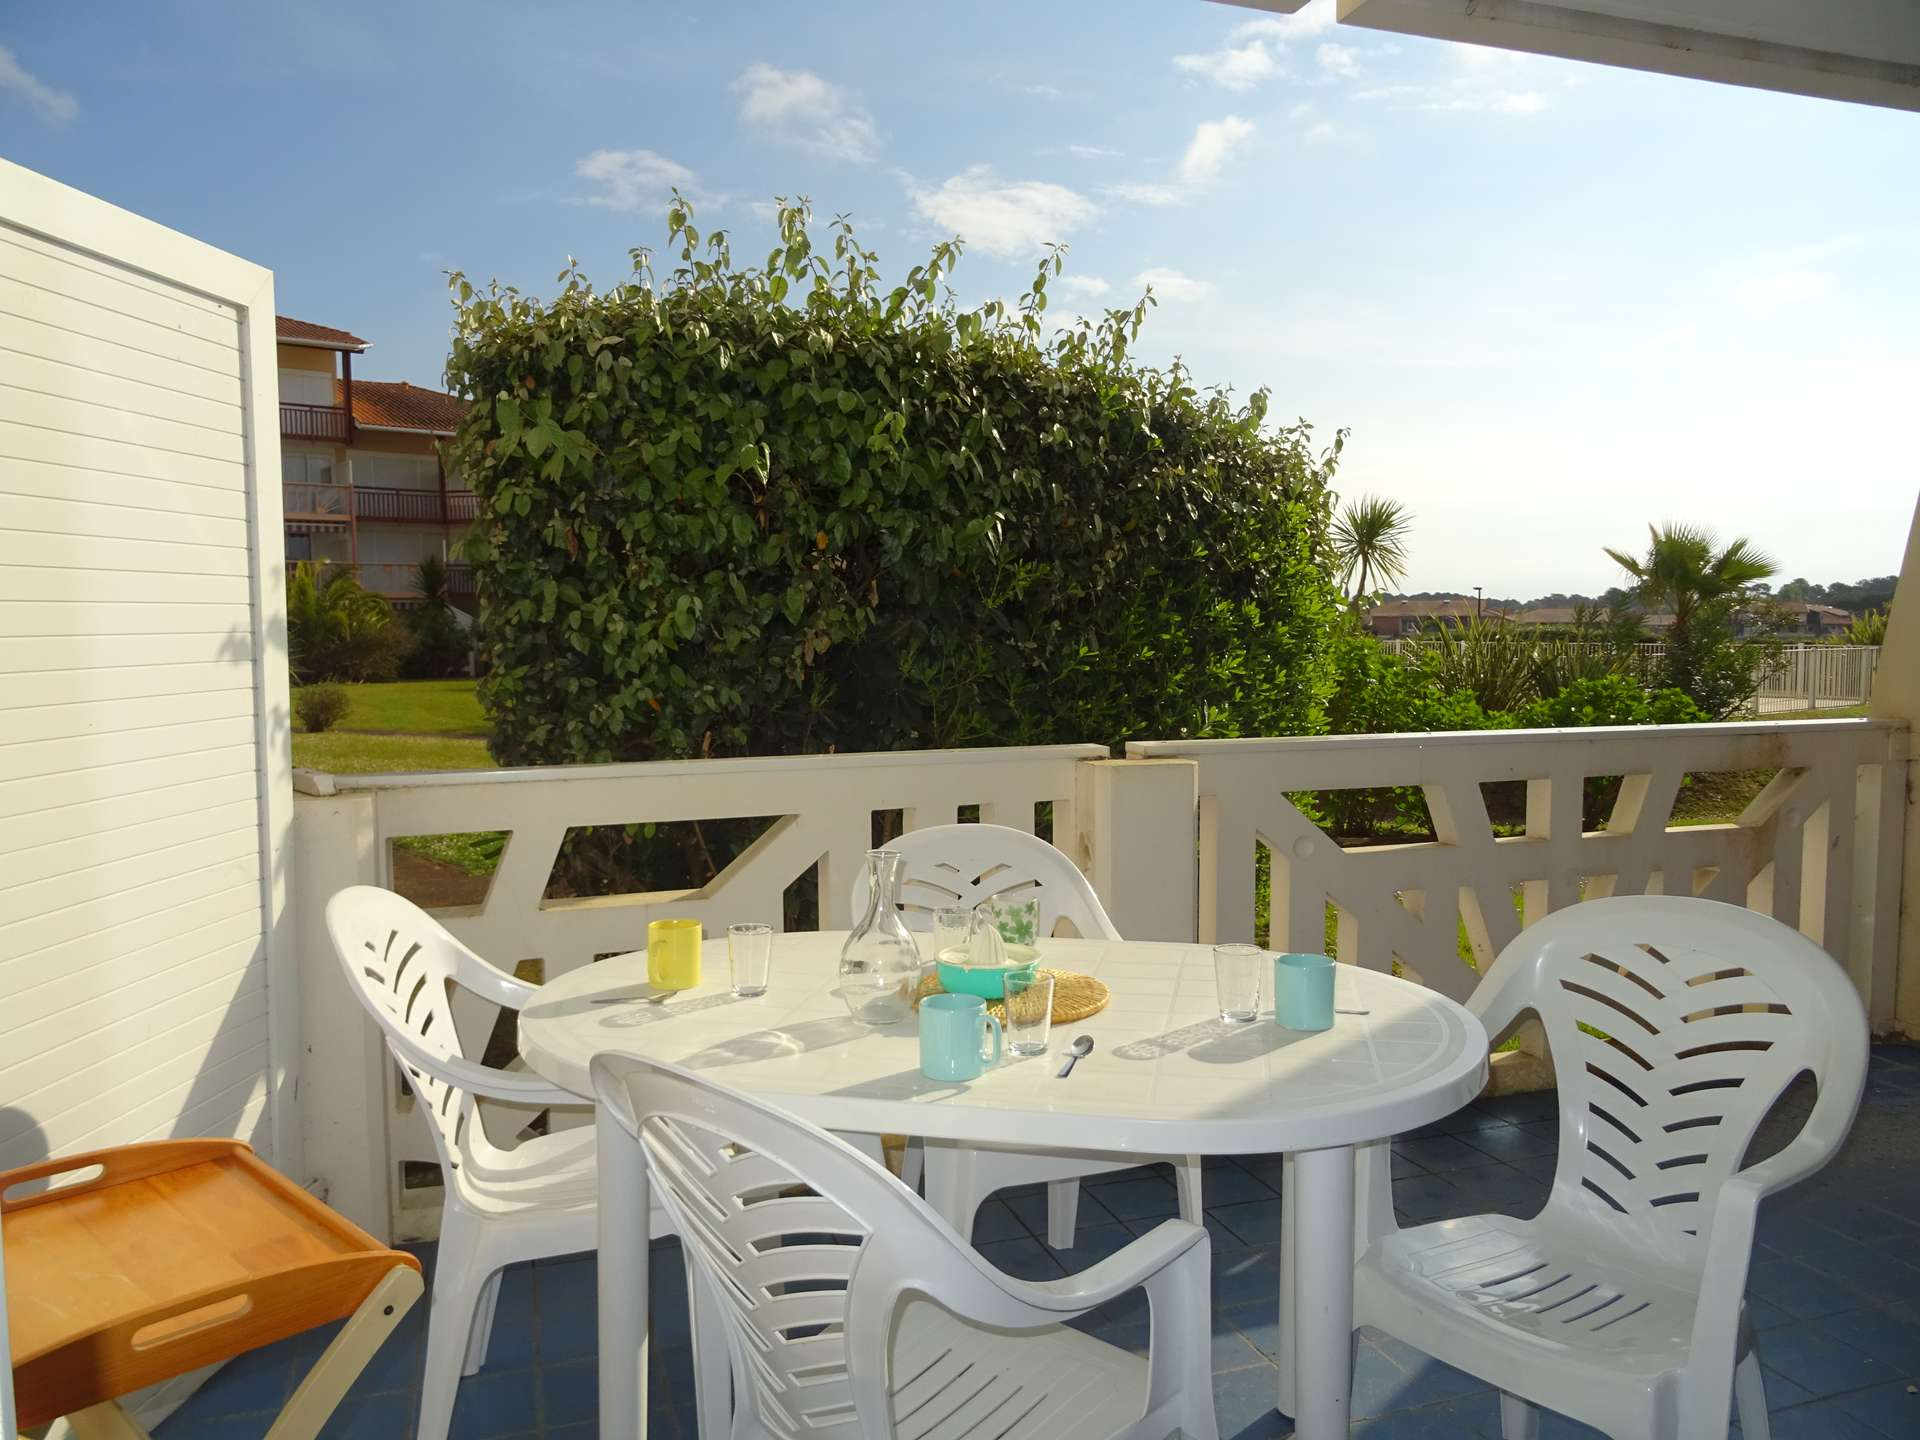 Location de vacances en appartement pour 4 personnes à Vieux Boucau(40) avec piscine